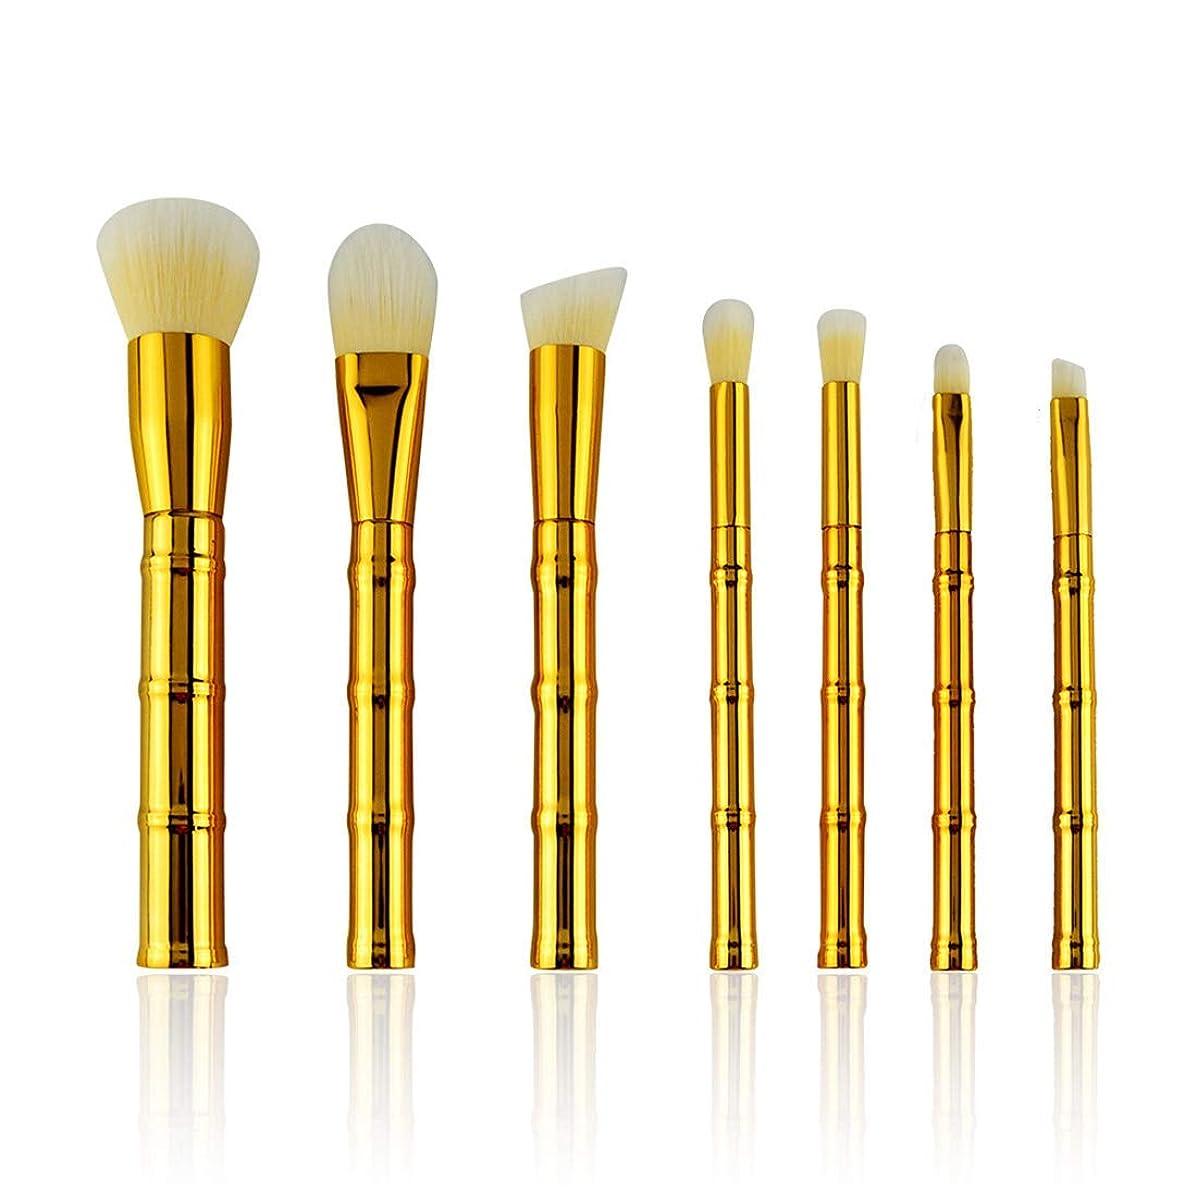 複雑でないペース豪華なゴールド竹ハンドル化粧ブラシ7化粧品カバーブラシホワイトウールメッキハンドルブラシ(サイズ:7個)